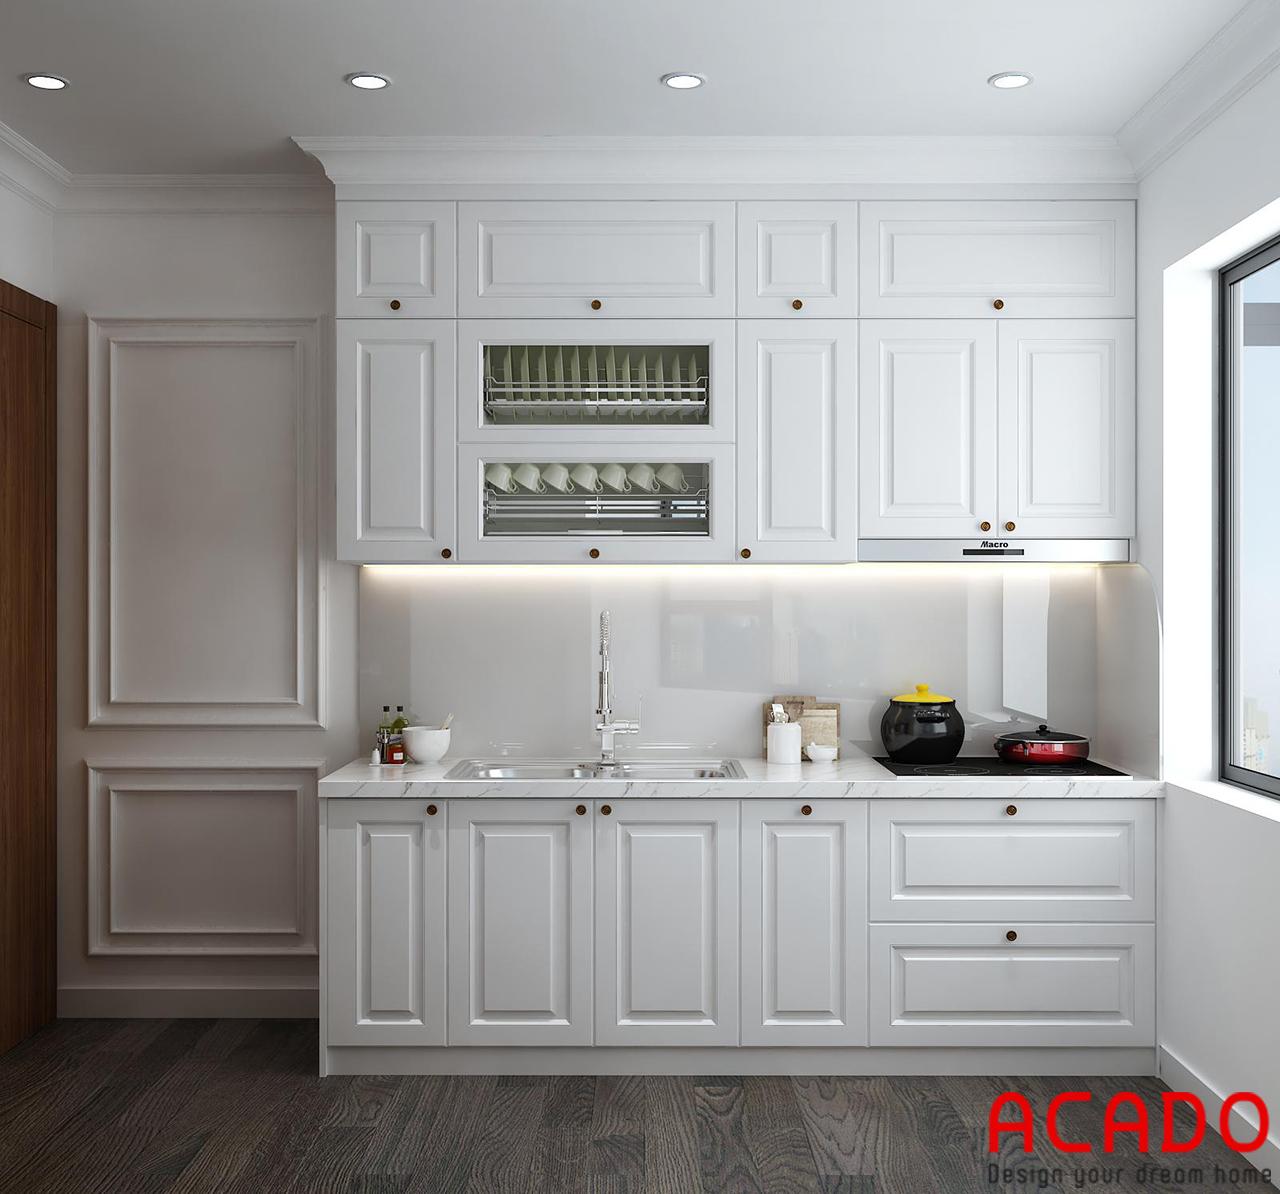 Tủ bếp gỗ sồi Nga sơn bệt màu trắng trẻ trung, hiện đại